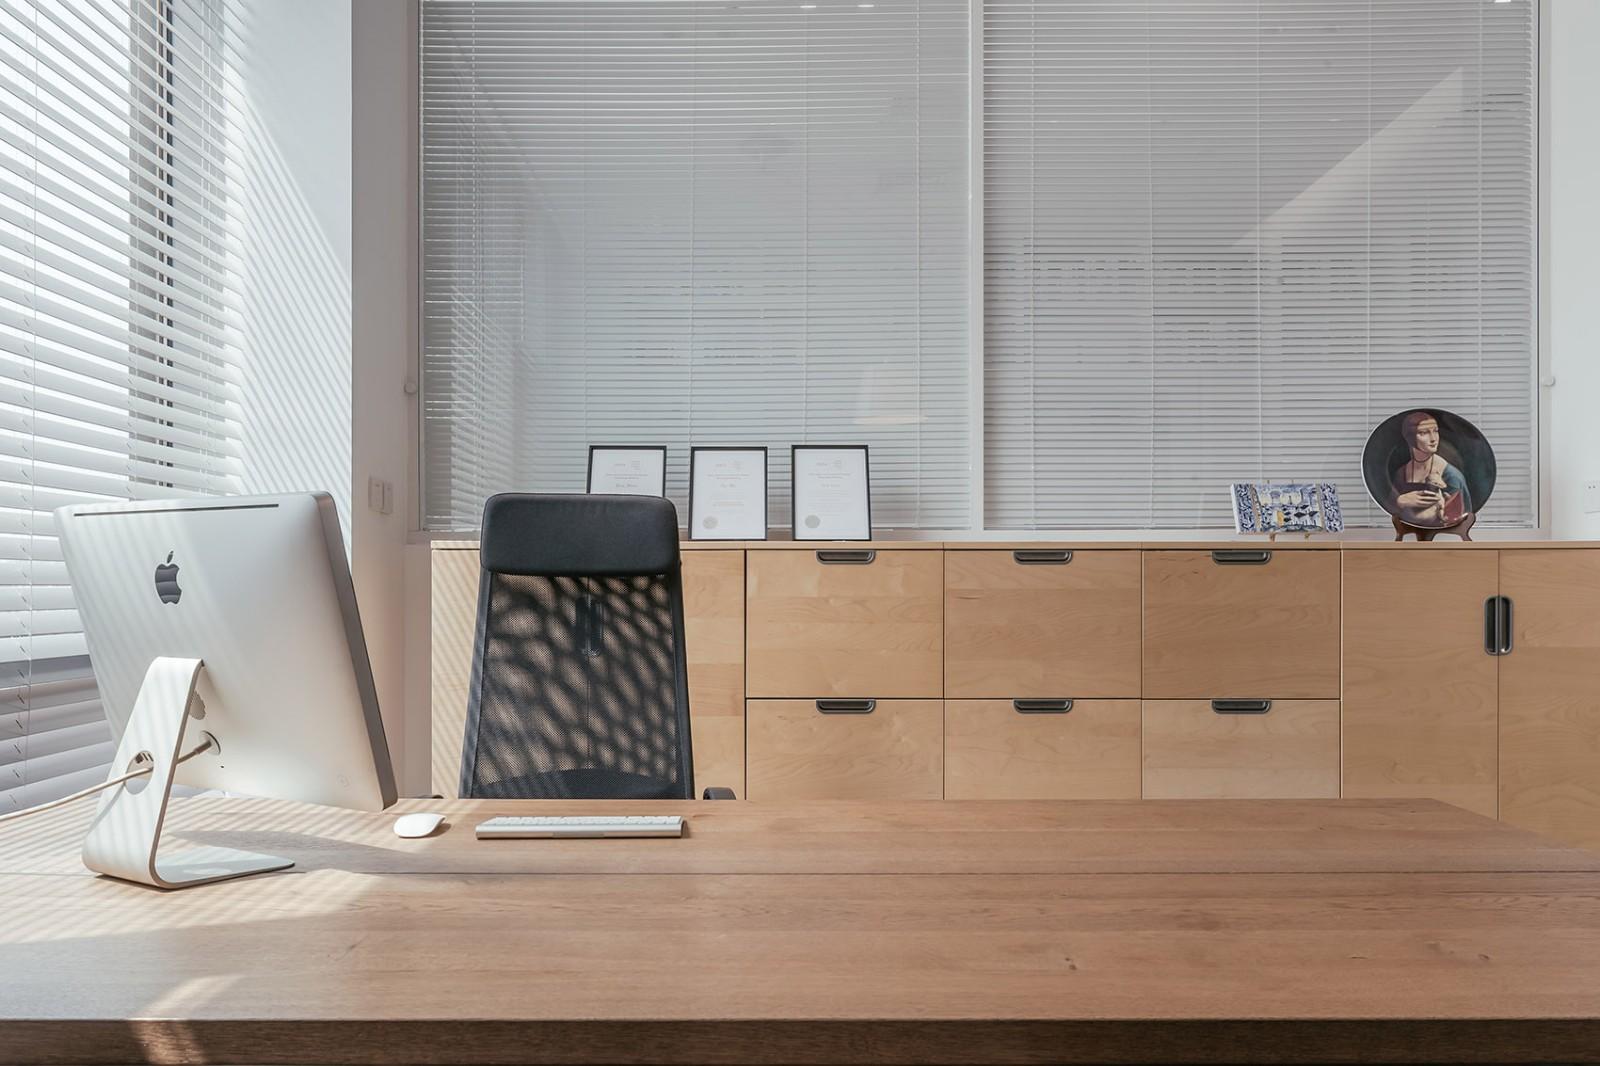 办公室设计,让极简不失调性|张勇、马鑫 - 10